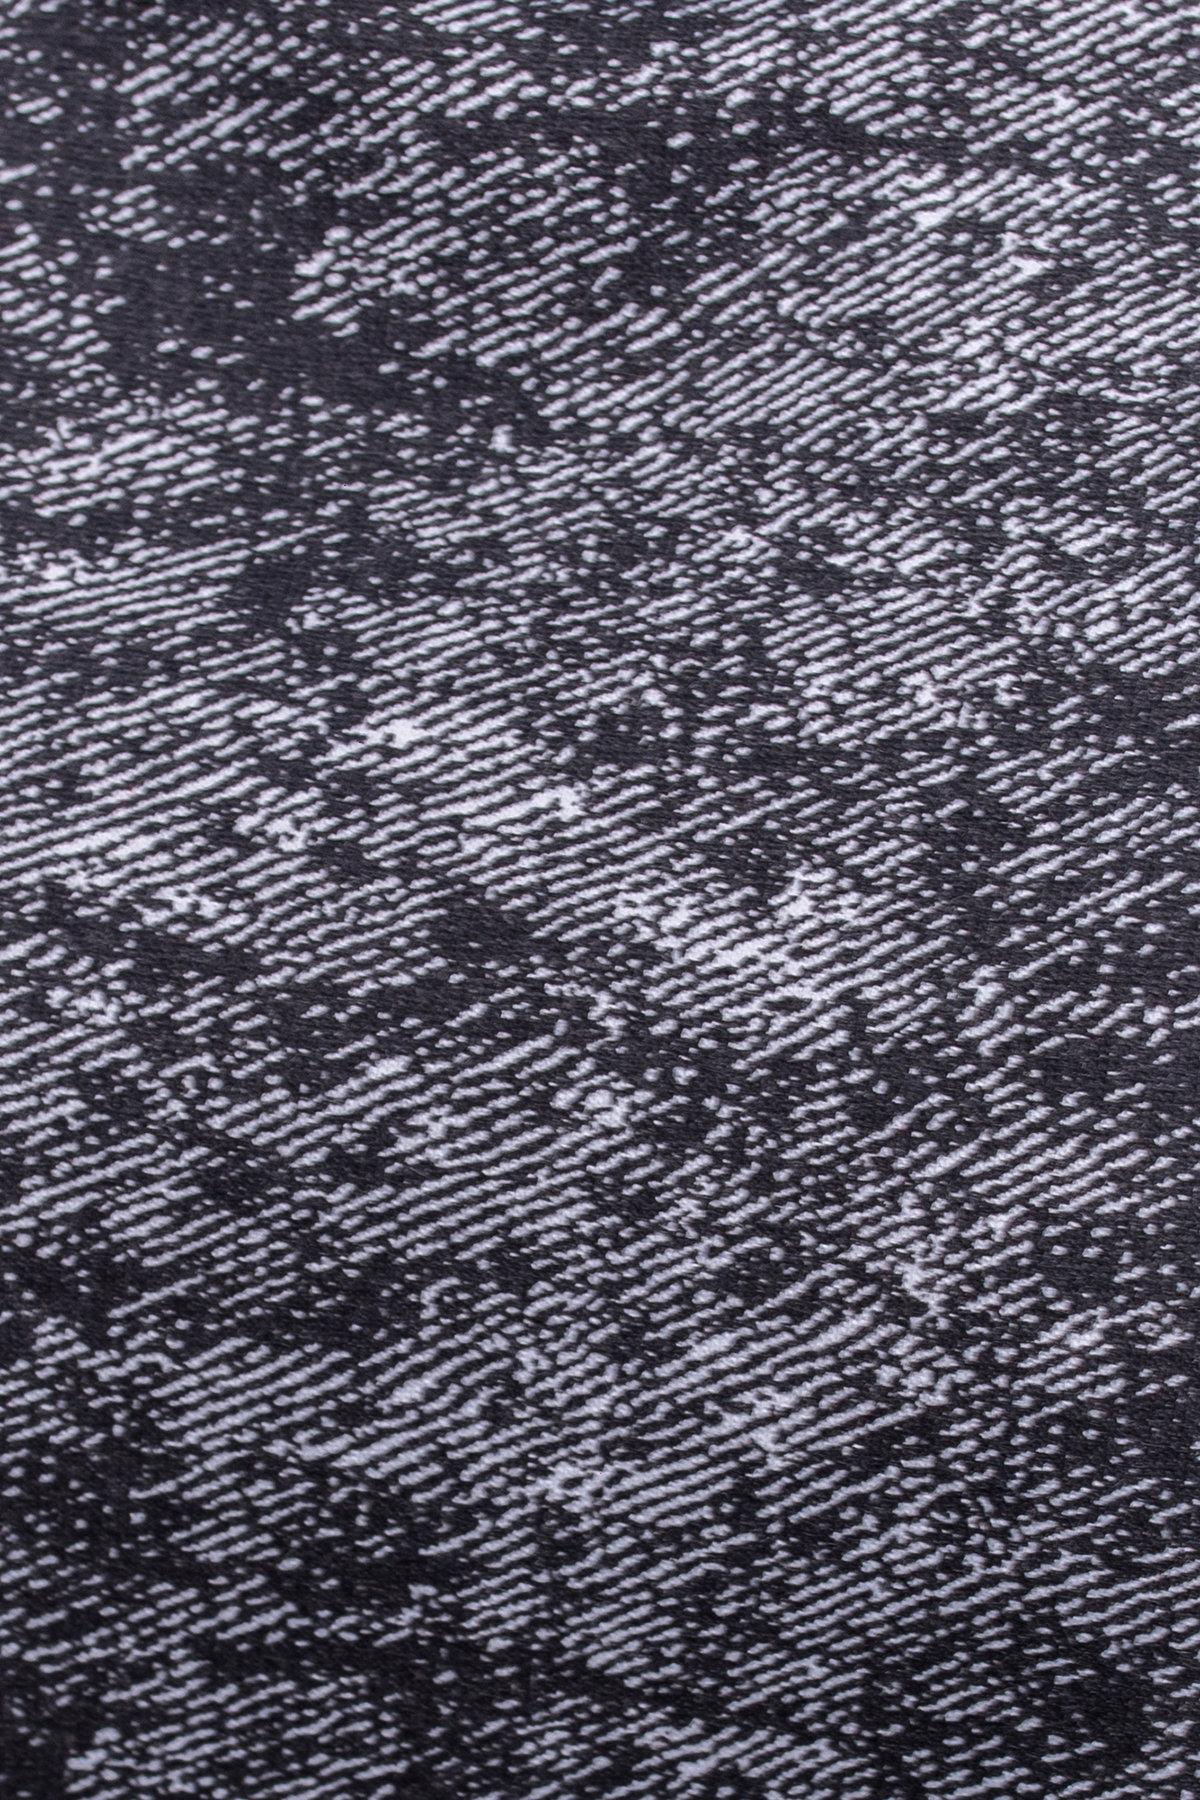 Платье Комо 2103  АРТ. 13585 Цвет: Тёмно-серый/белый 60/1 - фото 3, интернет магазин tm-modus.ru